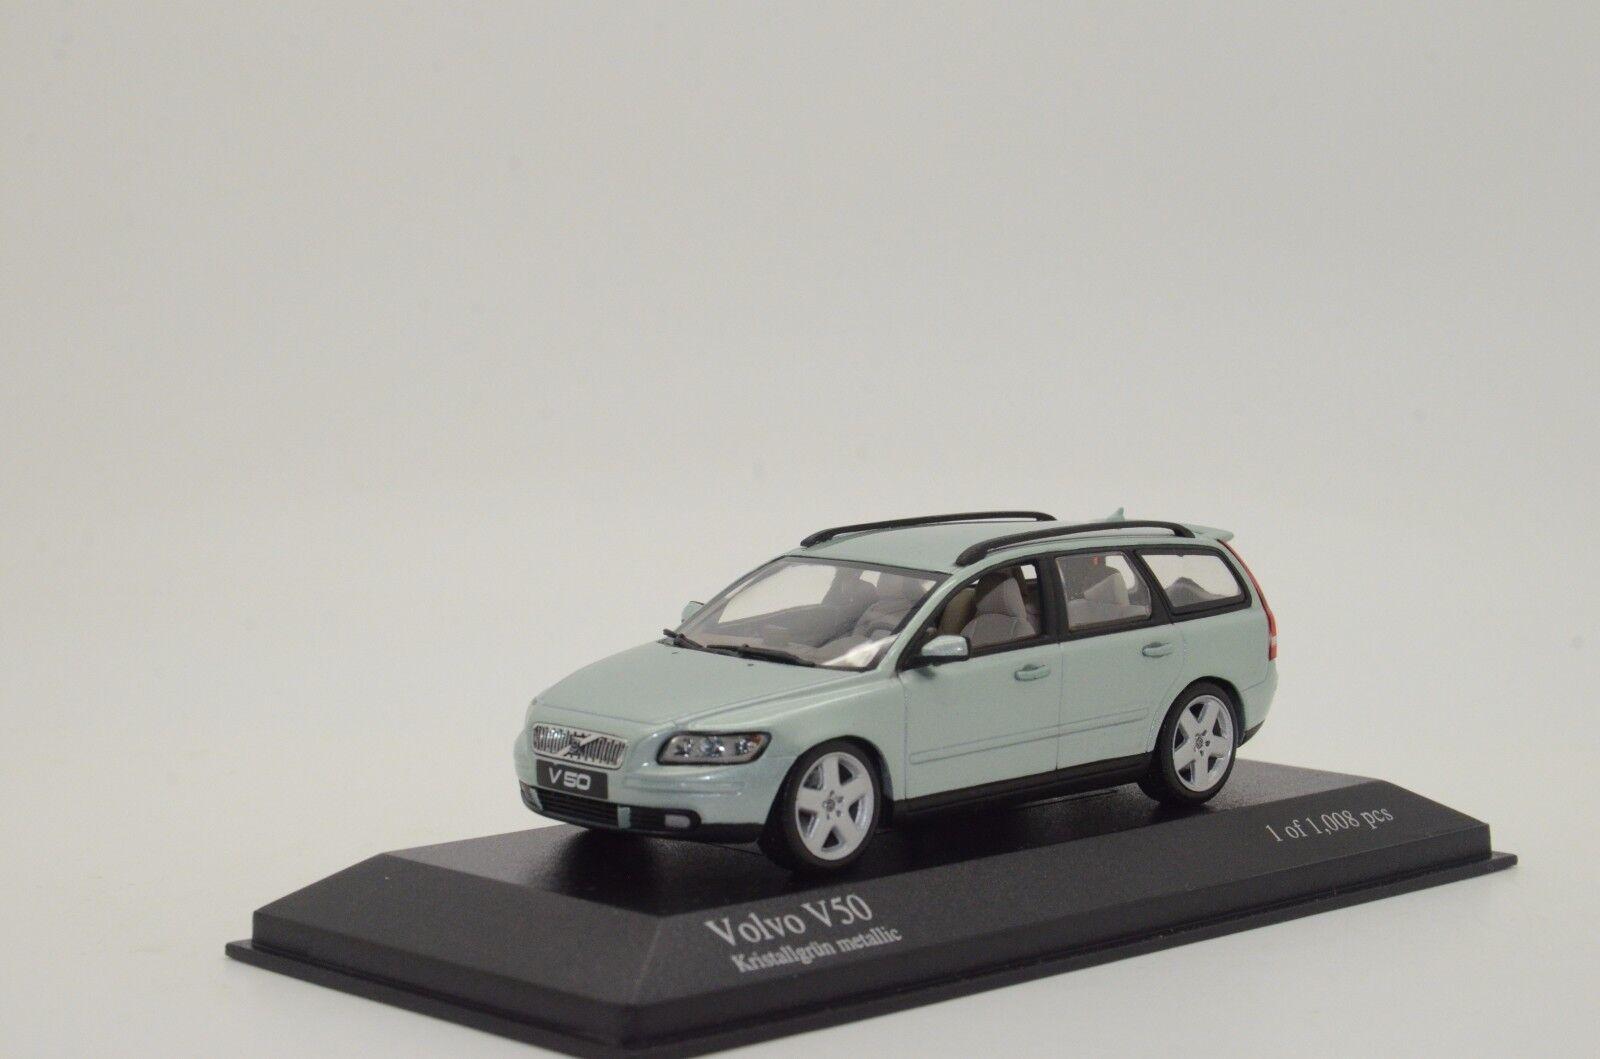 Volvo V50 2003 Minichamps 171211 1 43